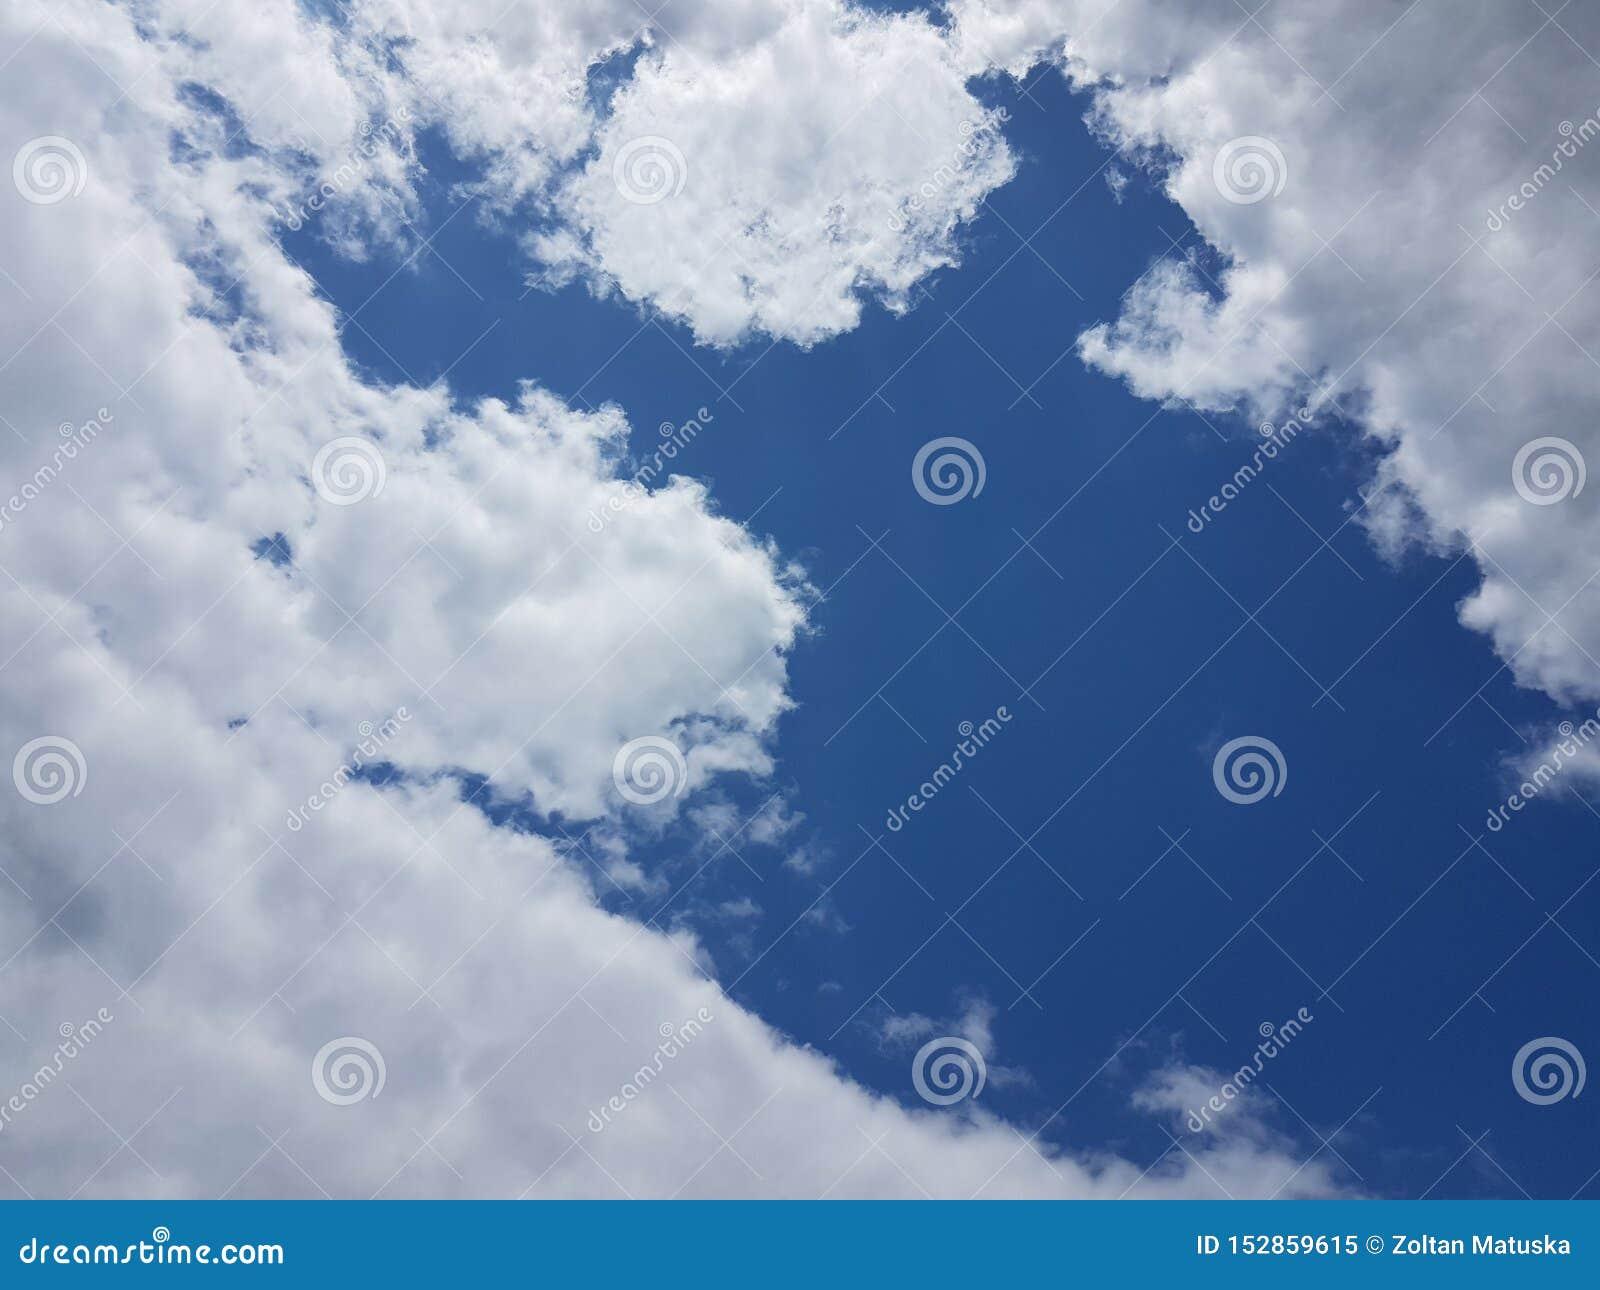 Θερινός cloudscape μπλε ουρανός με φυσικό κενό κενό υπόβαθρο ατμόσφαιρας σύννεφων το νεφελώδες